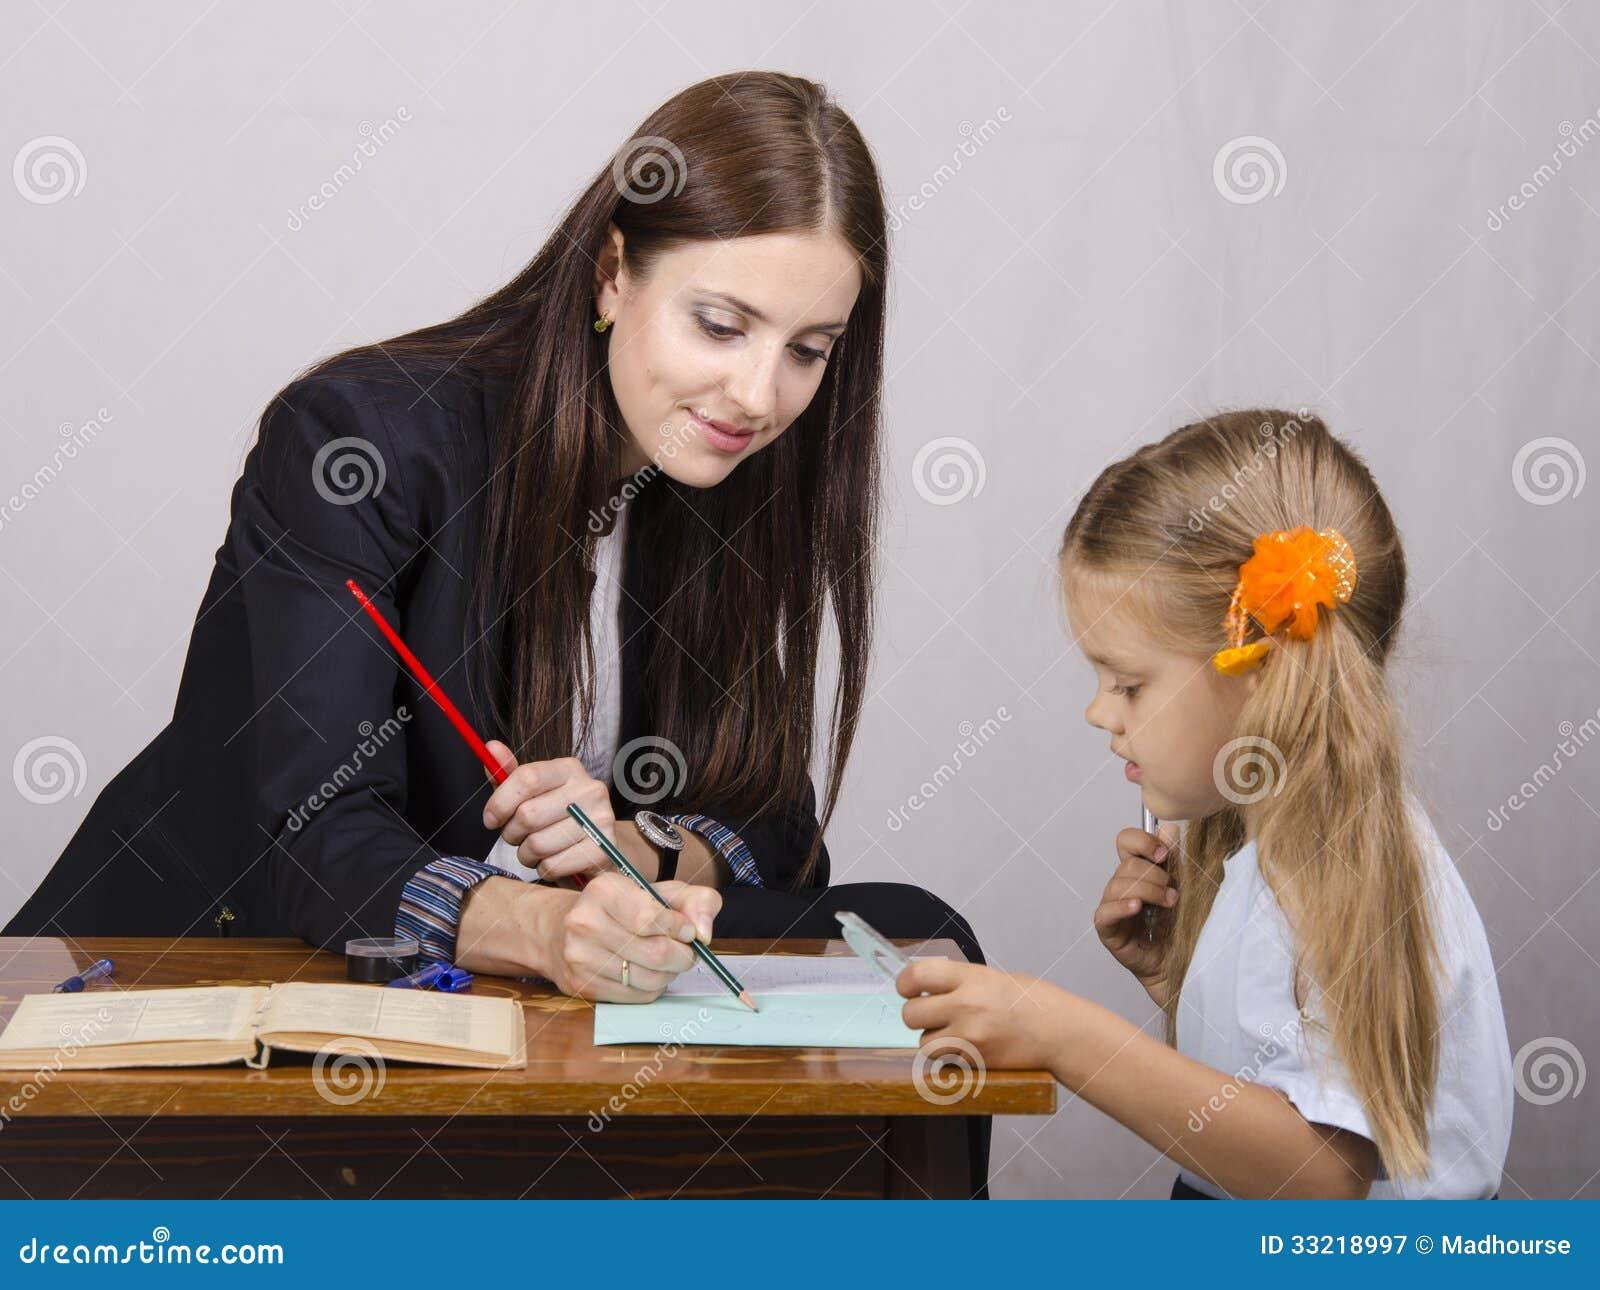 Смотреть бесплатно учитель и ученица 10 фотография